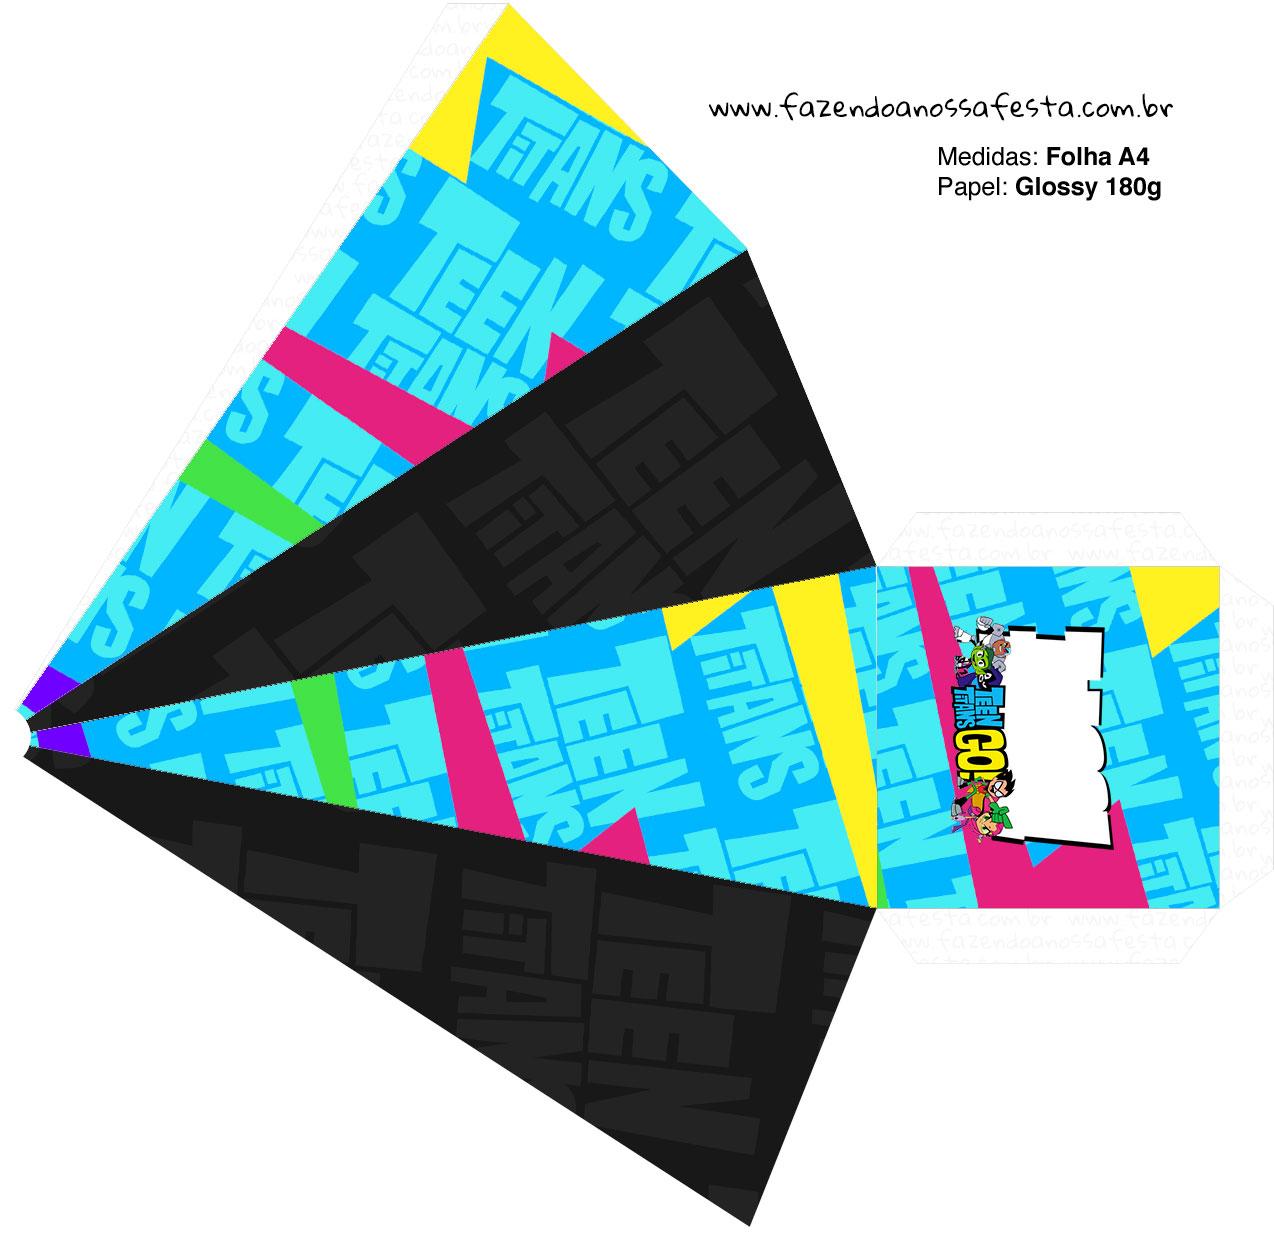 Caixa Piramide 2 Jovens Titas